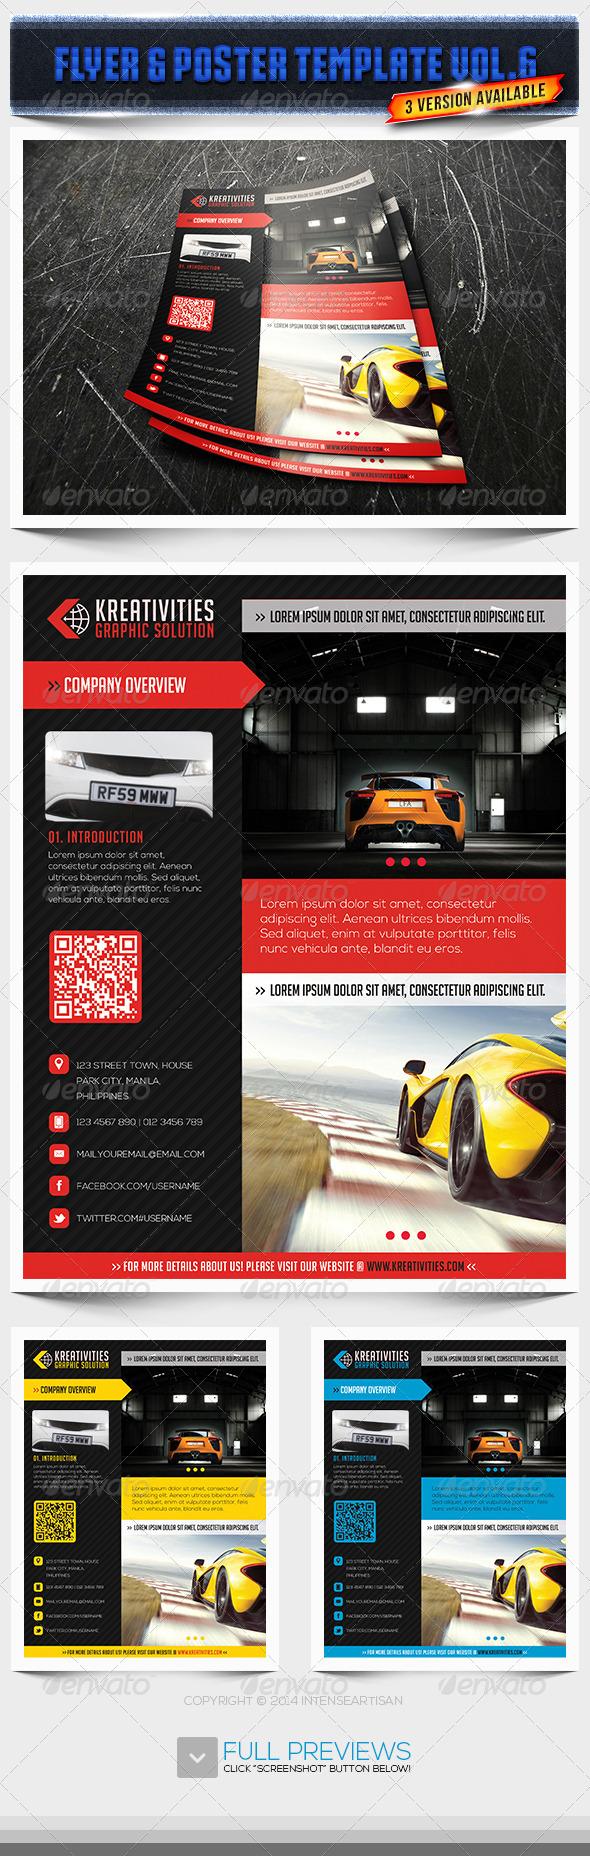 GraphicRiver Corporate Creative Flyer Vol.6 6741796